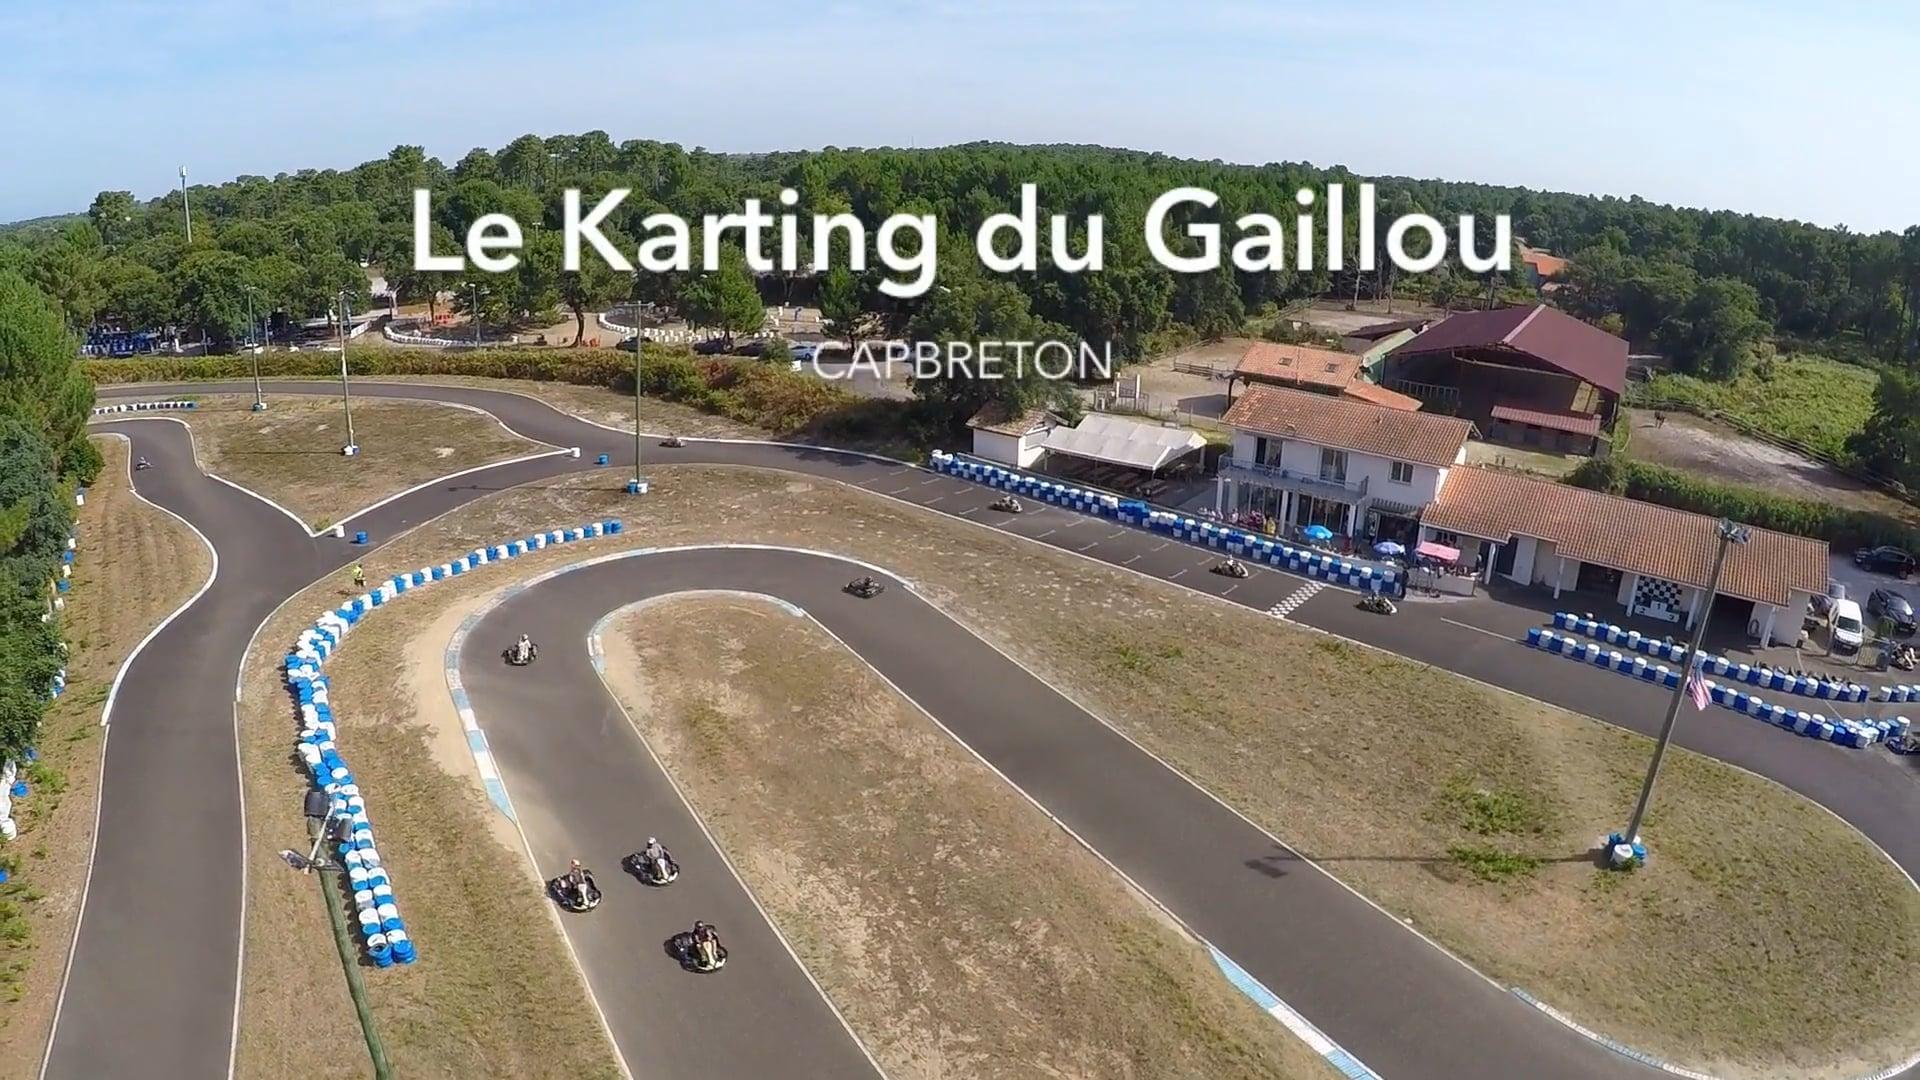 Karting du Gaillou, Capbreton